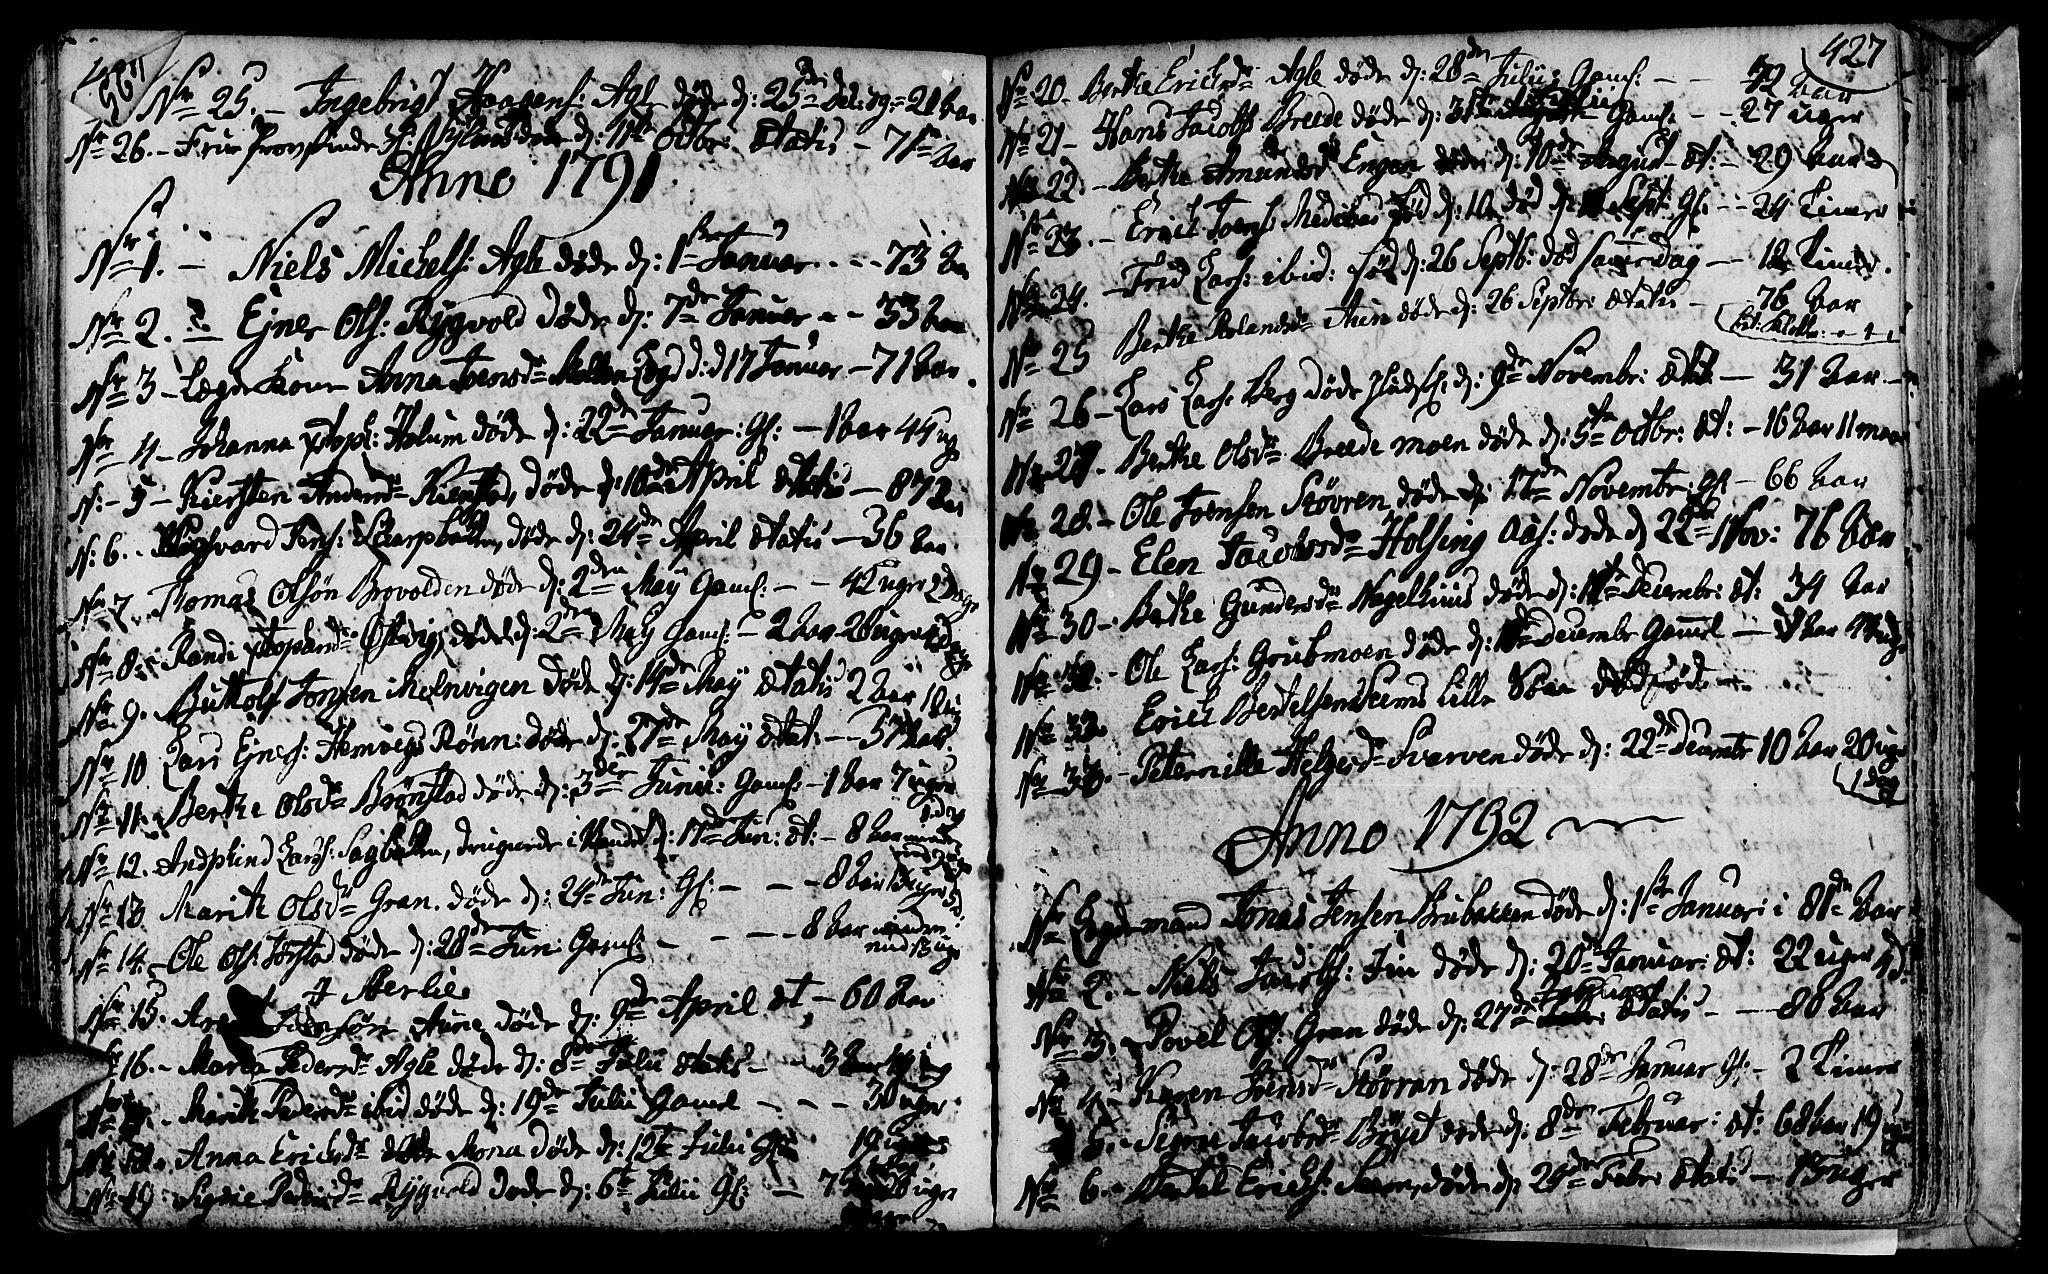 SAT, Ministerialprotokoller, klokkerbøker og fødselsregistre - Nord-Trøndelag, 749/L0468: Ministerialbok nr. 749A02, 1787-1817, s. 426-427